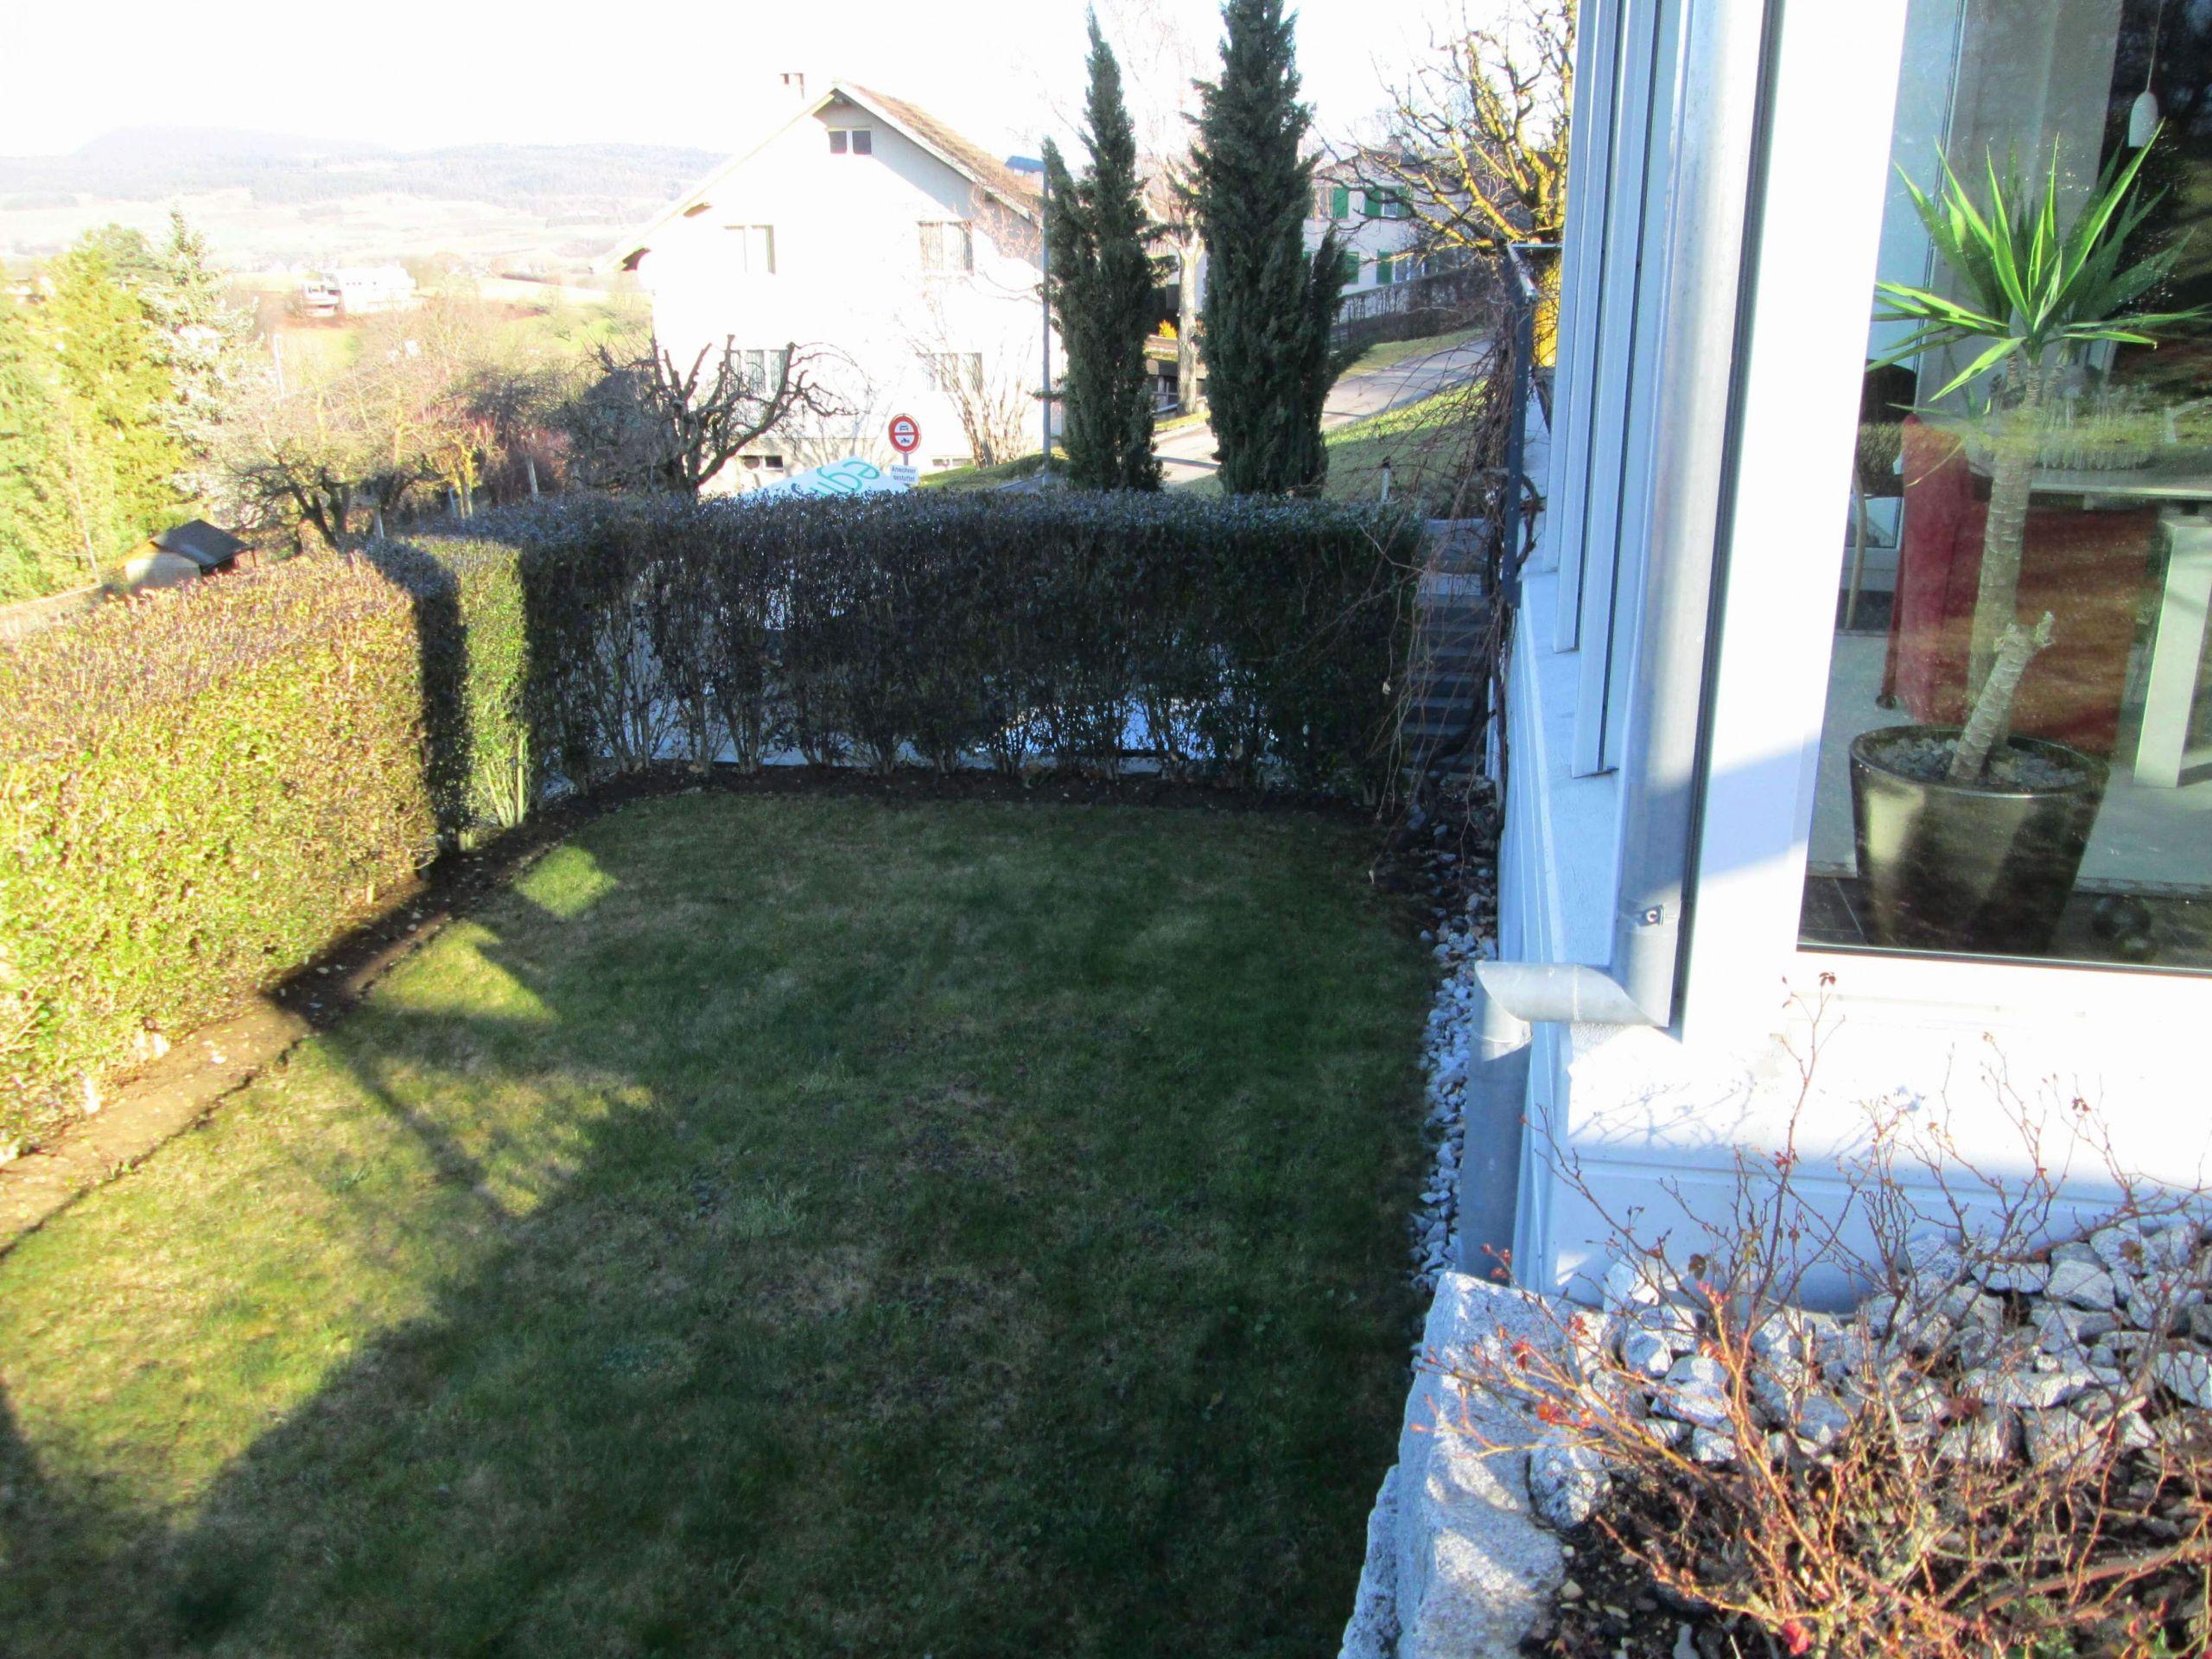 37 frisch kleinen garten gestalten vorher nachher kleiner reihenhausgarten gestalten kleiner reihenhausgarten gestalten 2